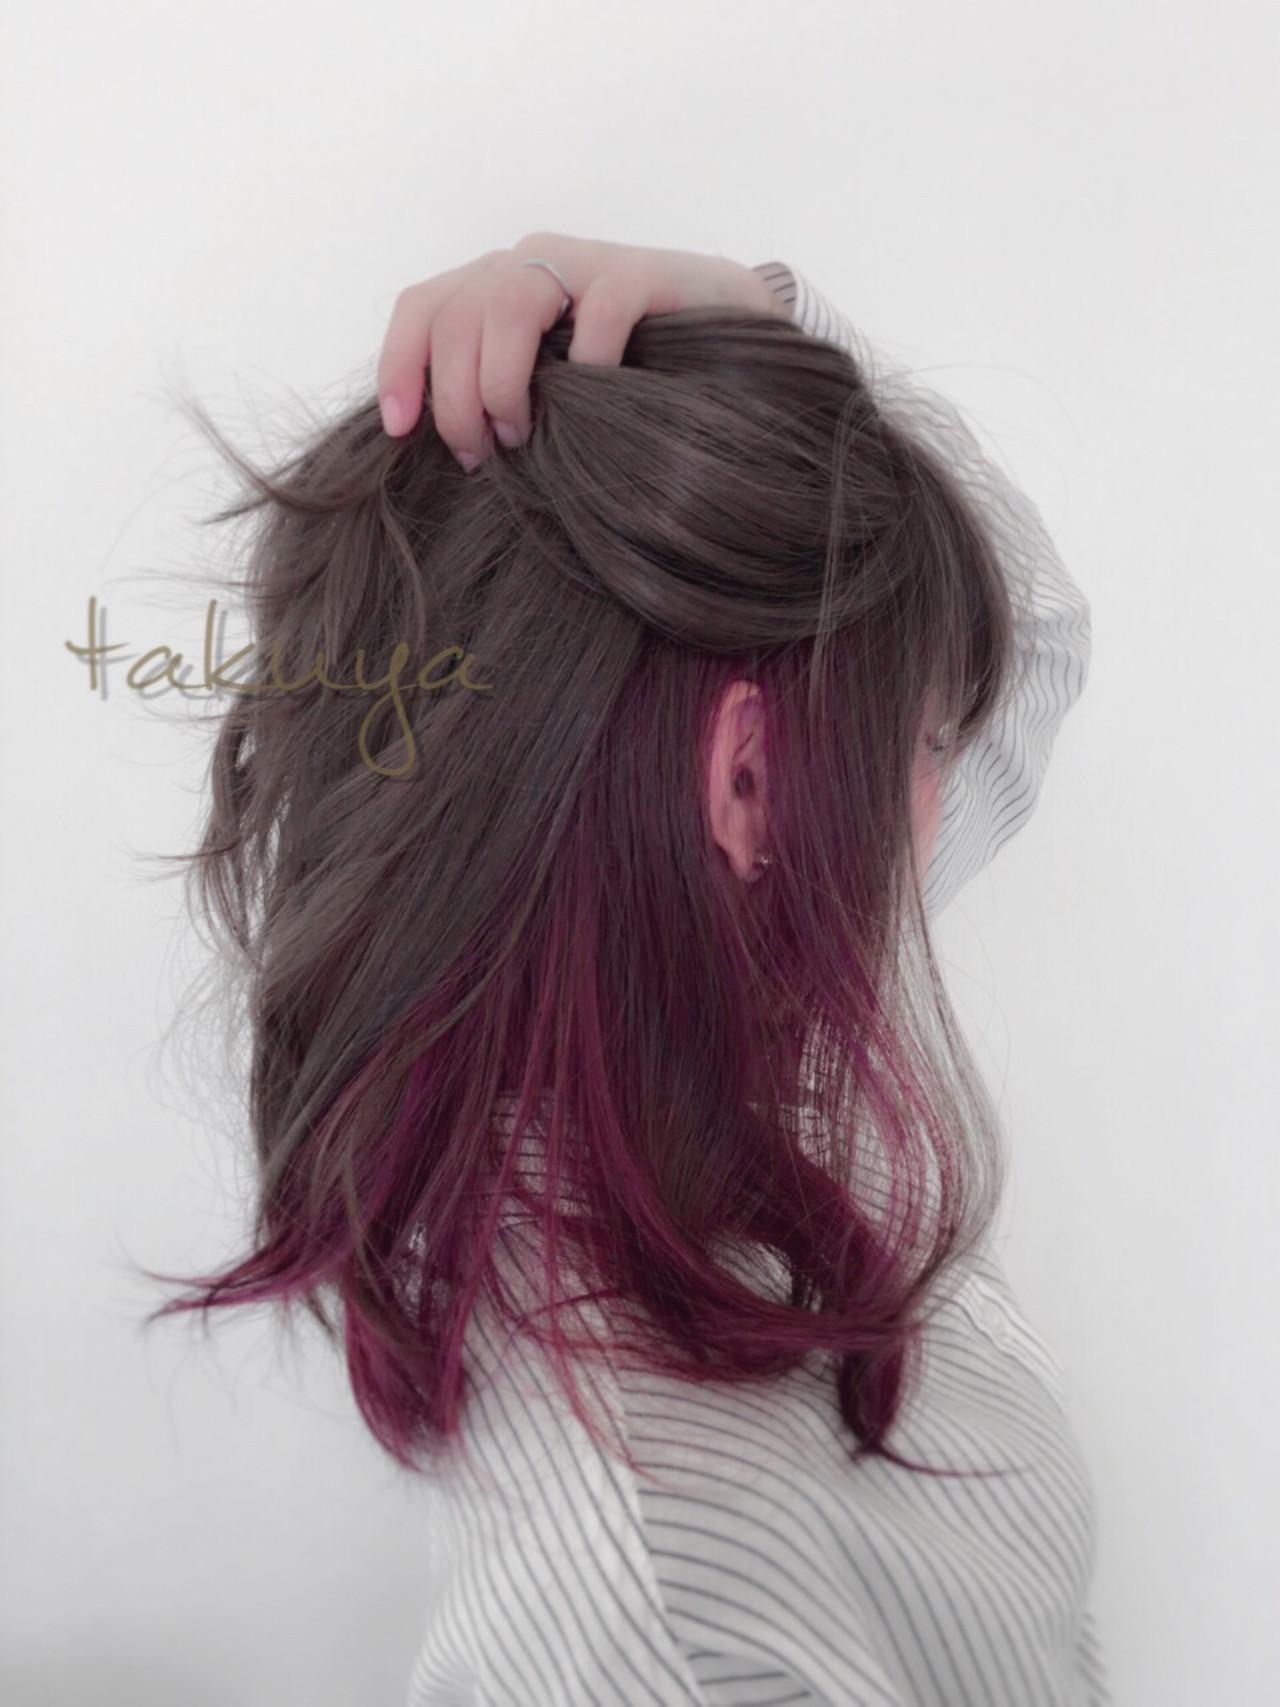 髪を春色に!パステルカラーで超絶可愛いヘアをGET♡ 小田拓矢 / Soul eater